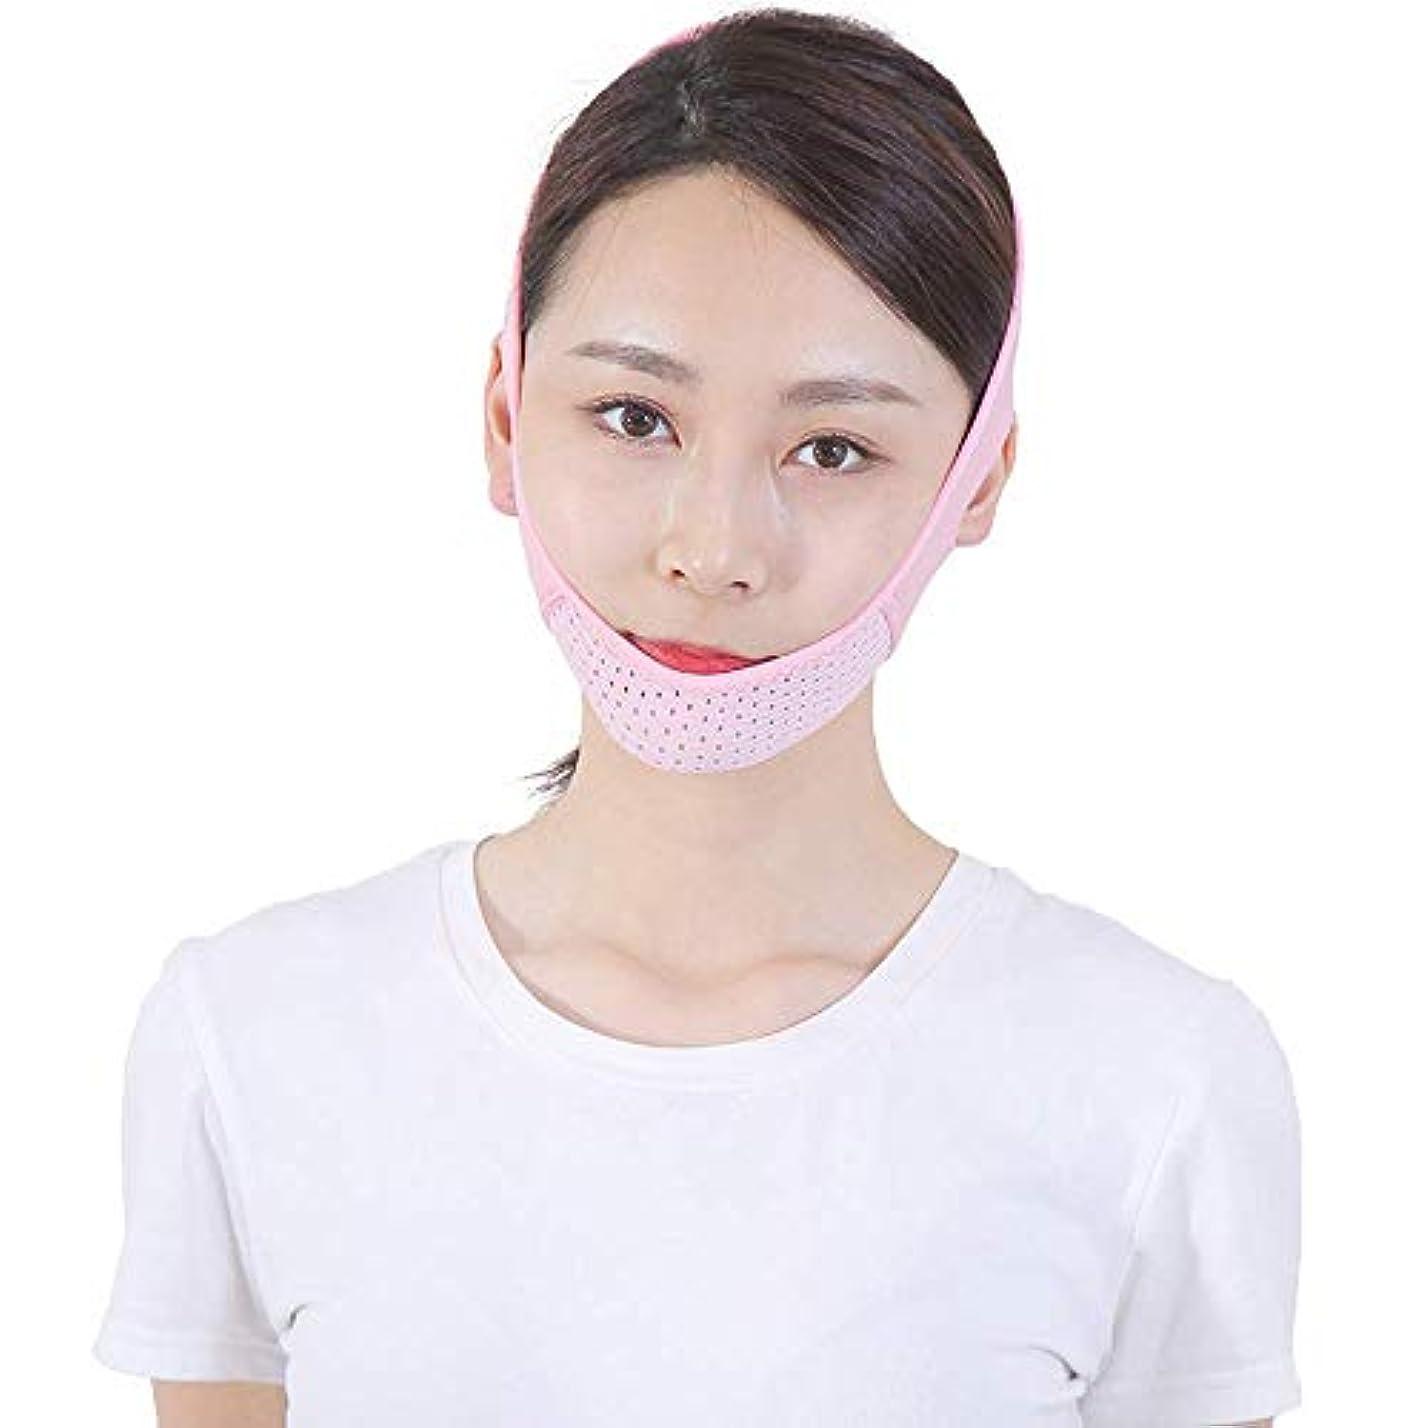 オッズトピック借りるシンフェイスベルトシンフェイスベルト通気性フェイス包帯きつく締める二重あごフェイスリフトアーティファクトVフェイスベルトシンフェイスマスク